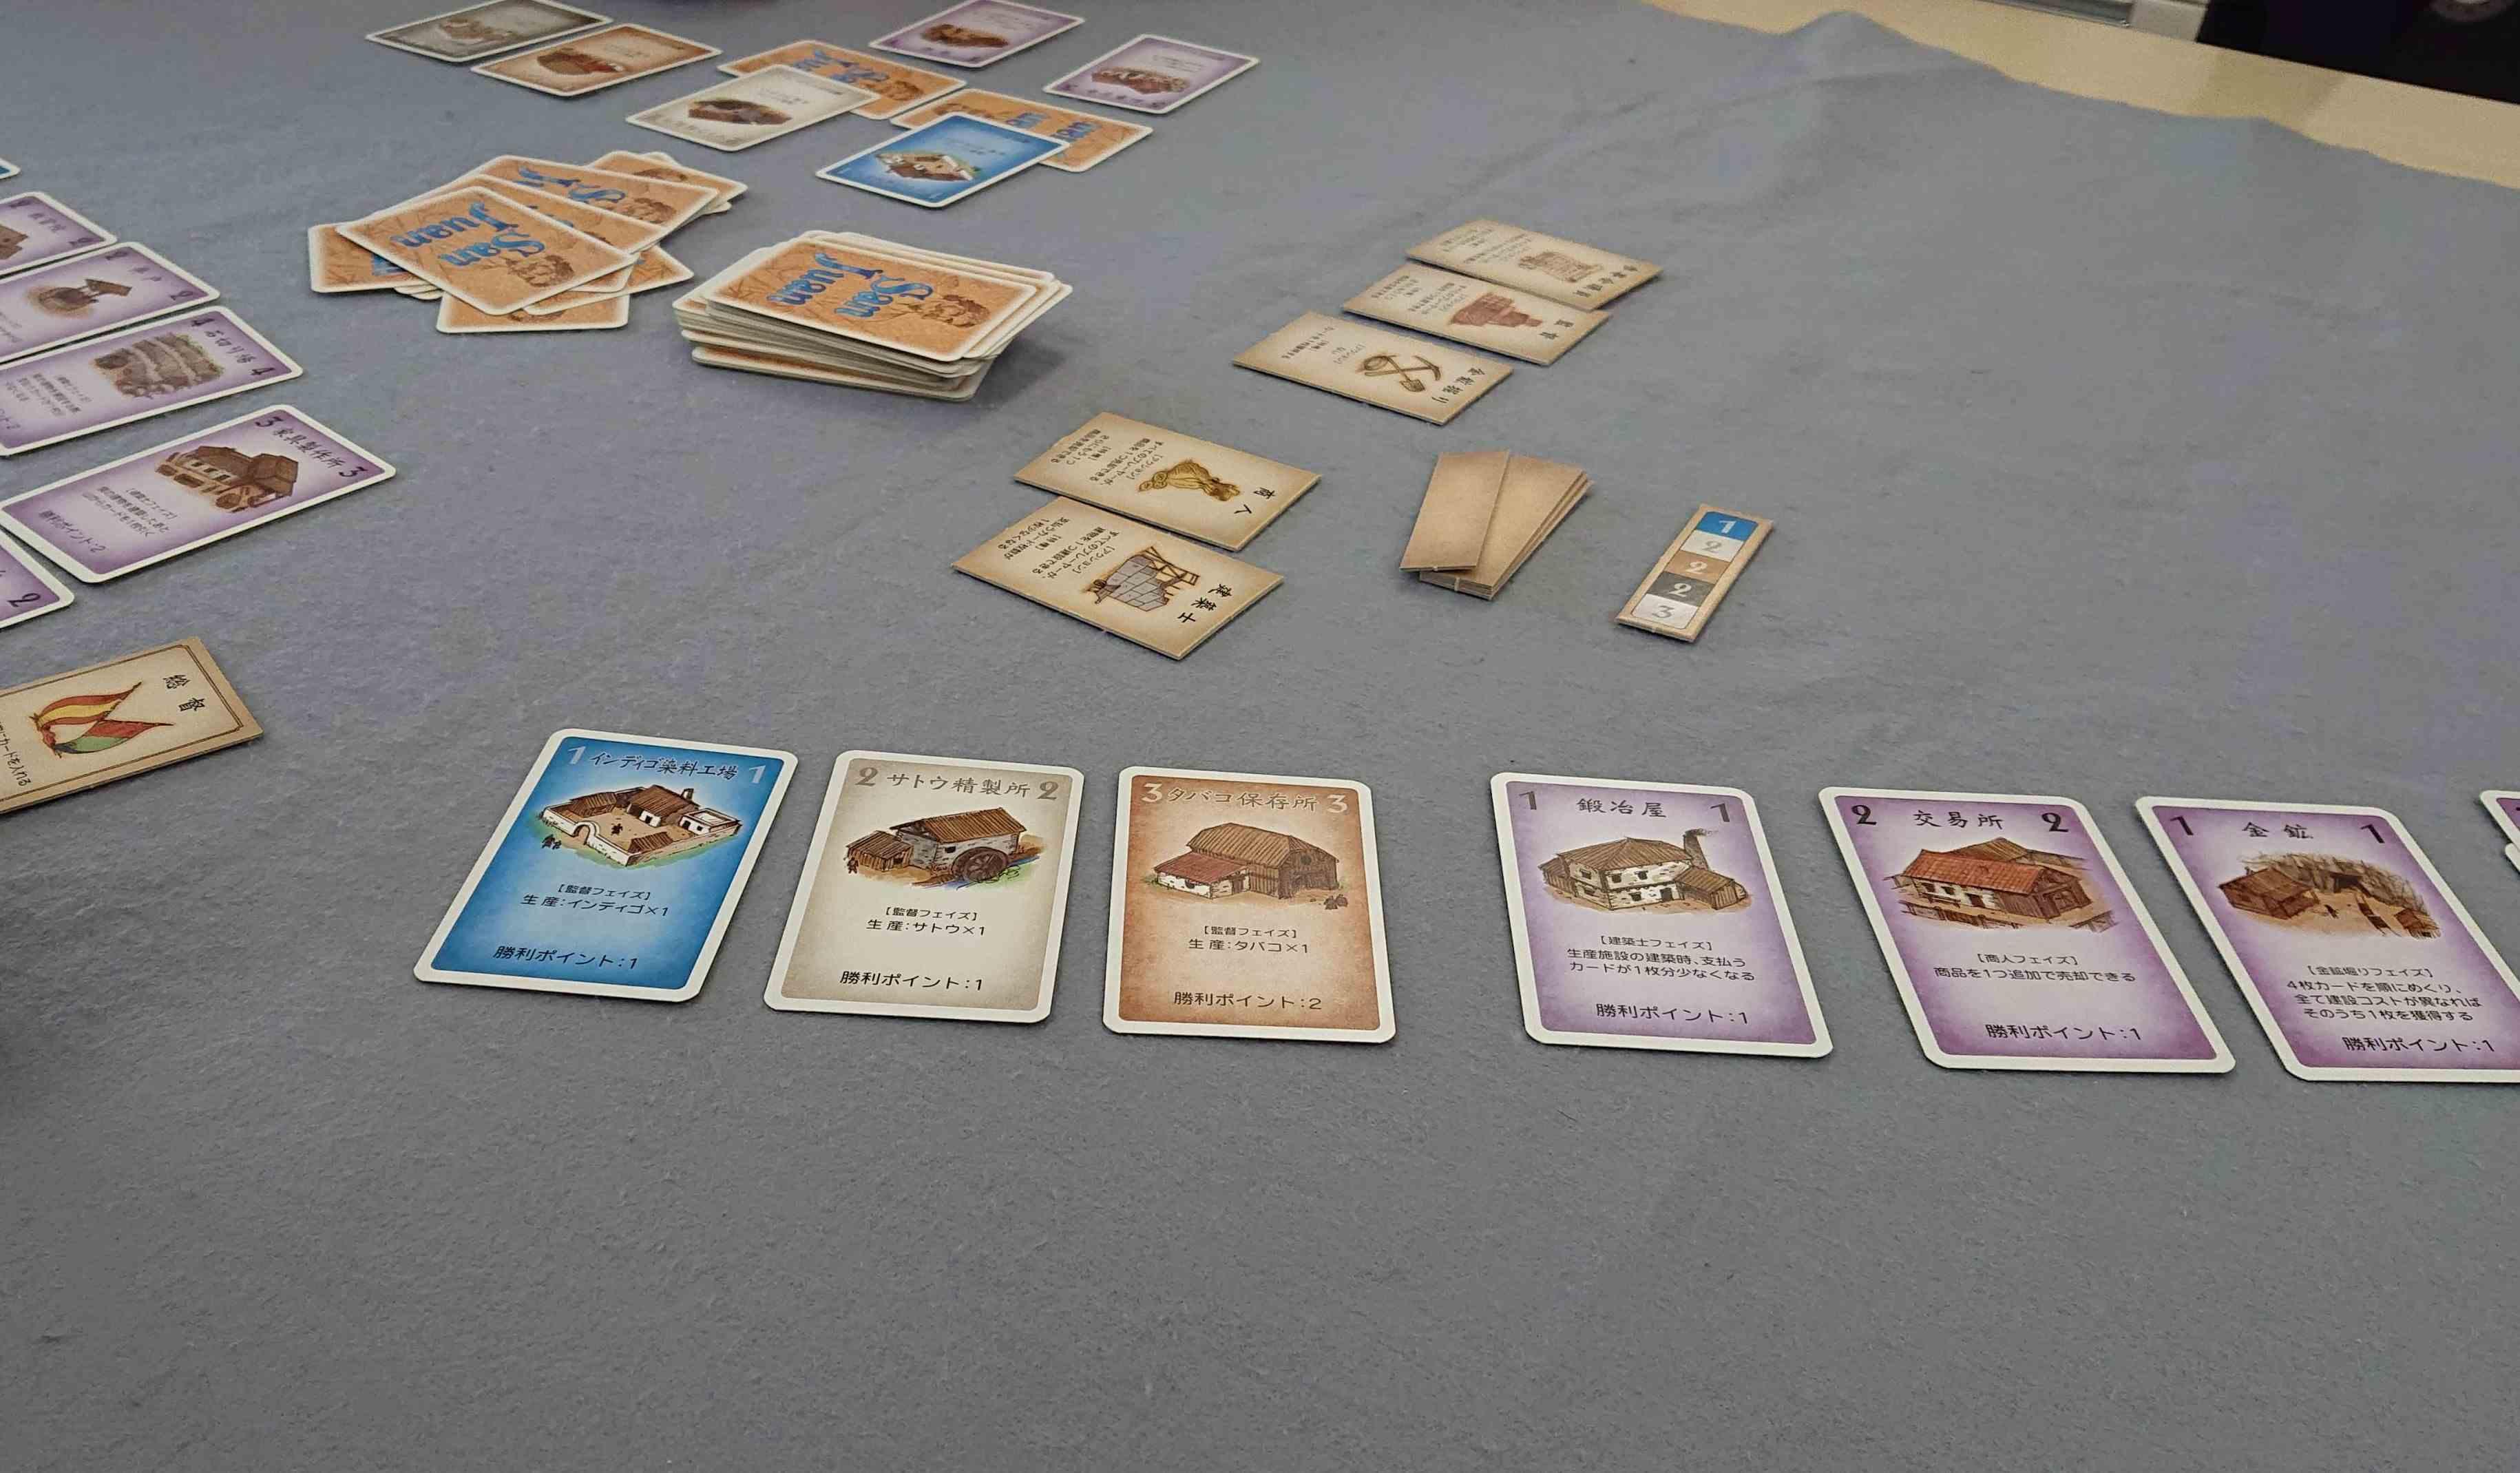 「サンファン」「Suggestion」「ロイヤルターフ」ボードゲーム会でプレイしたゲーム 感想